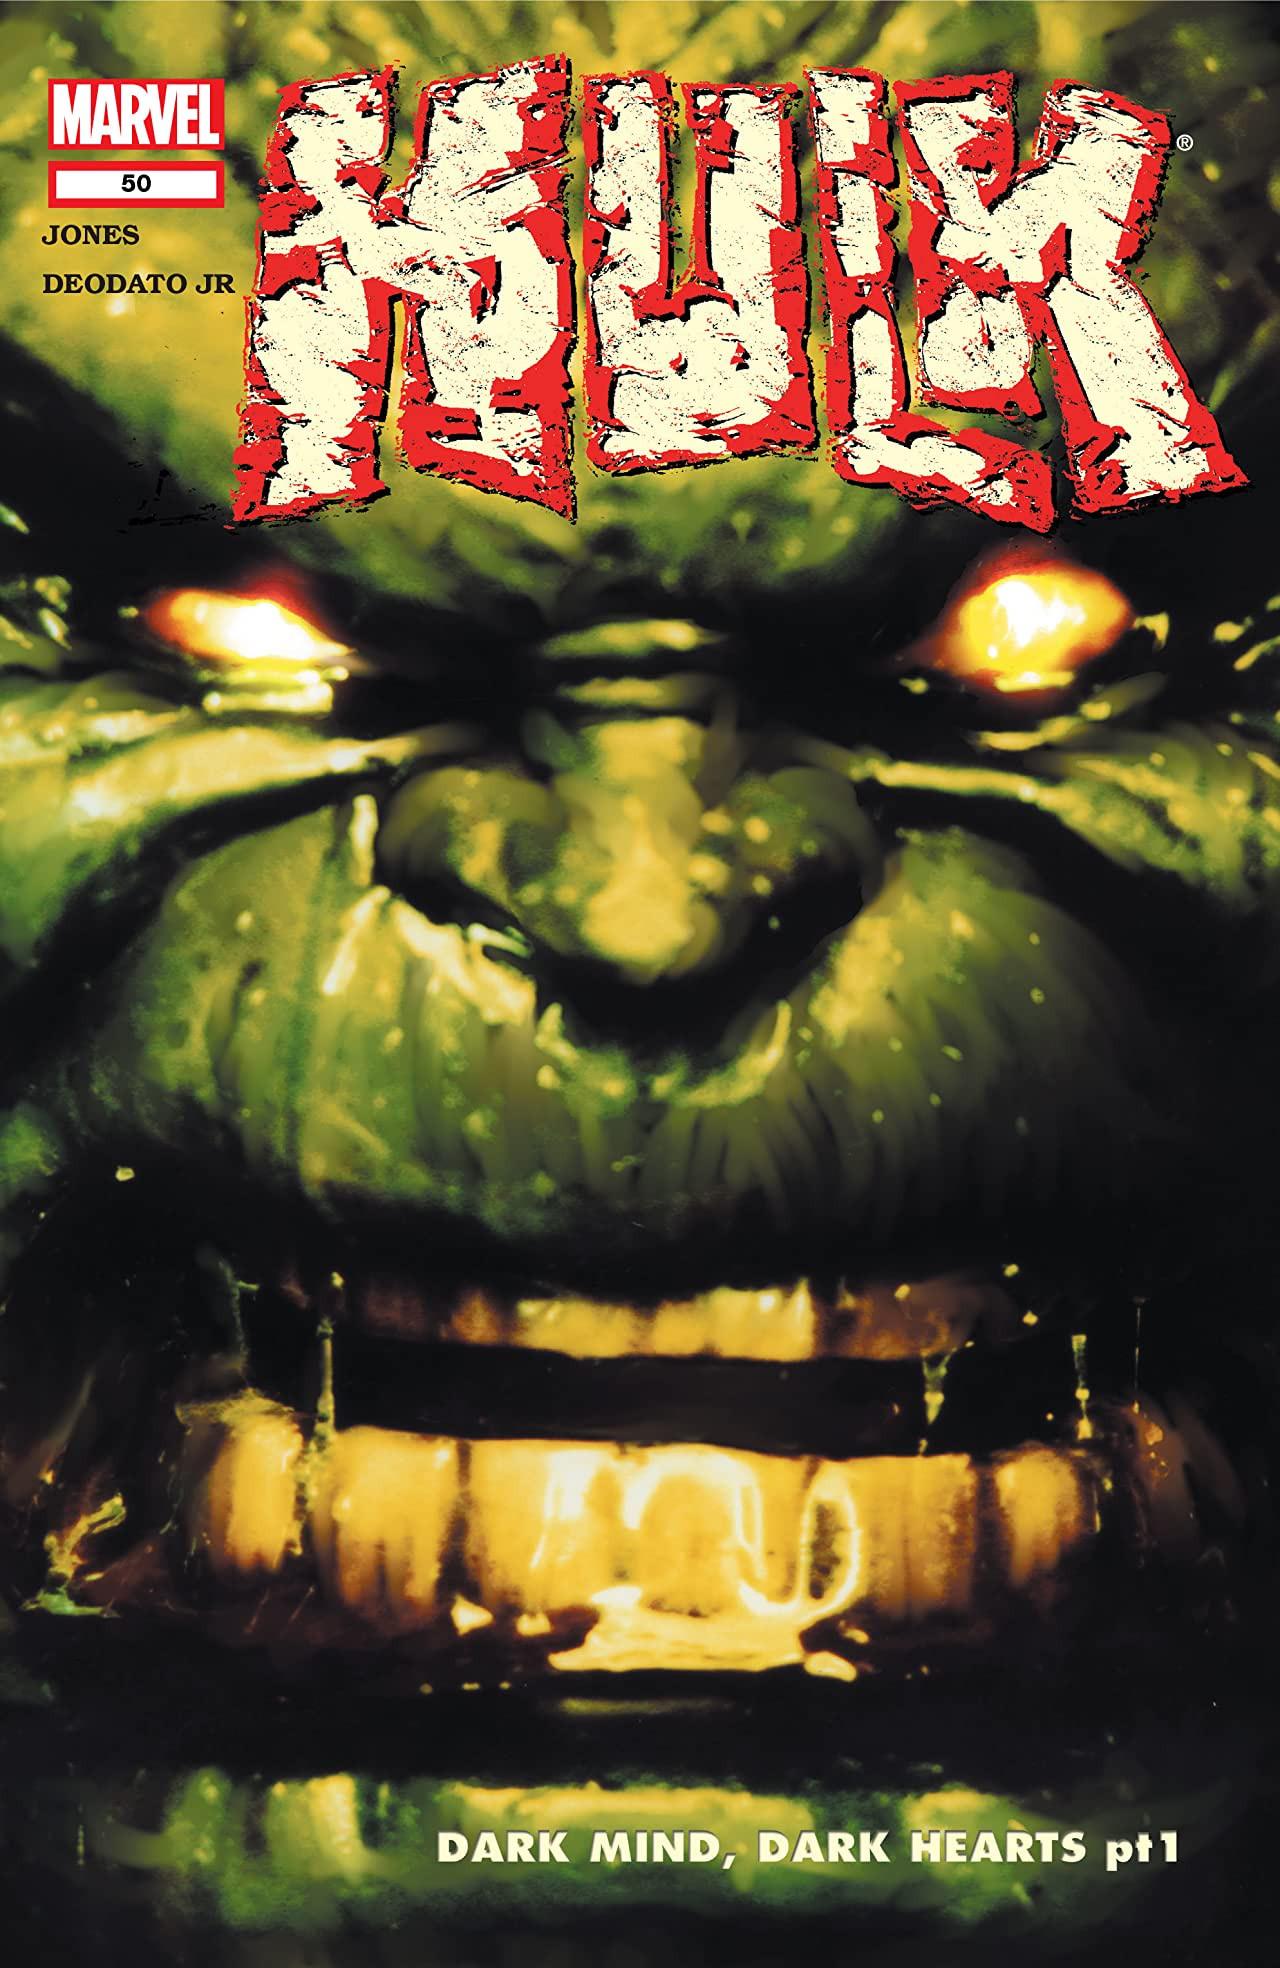 Incredible Hulk Vol 2 50